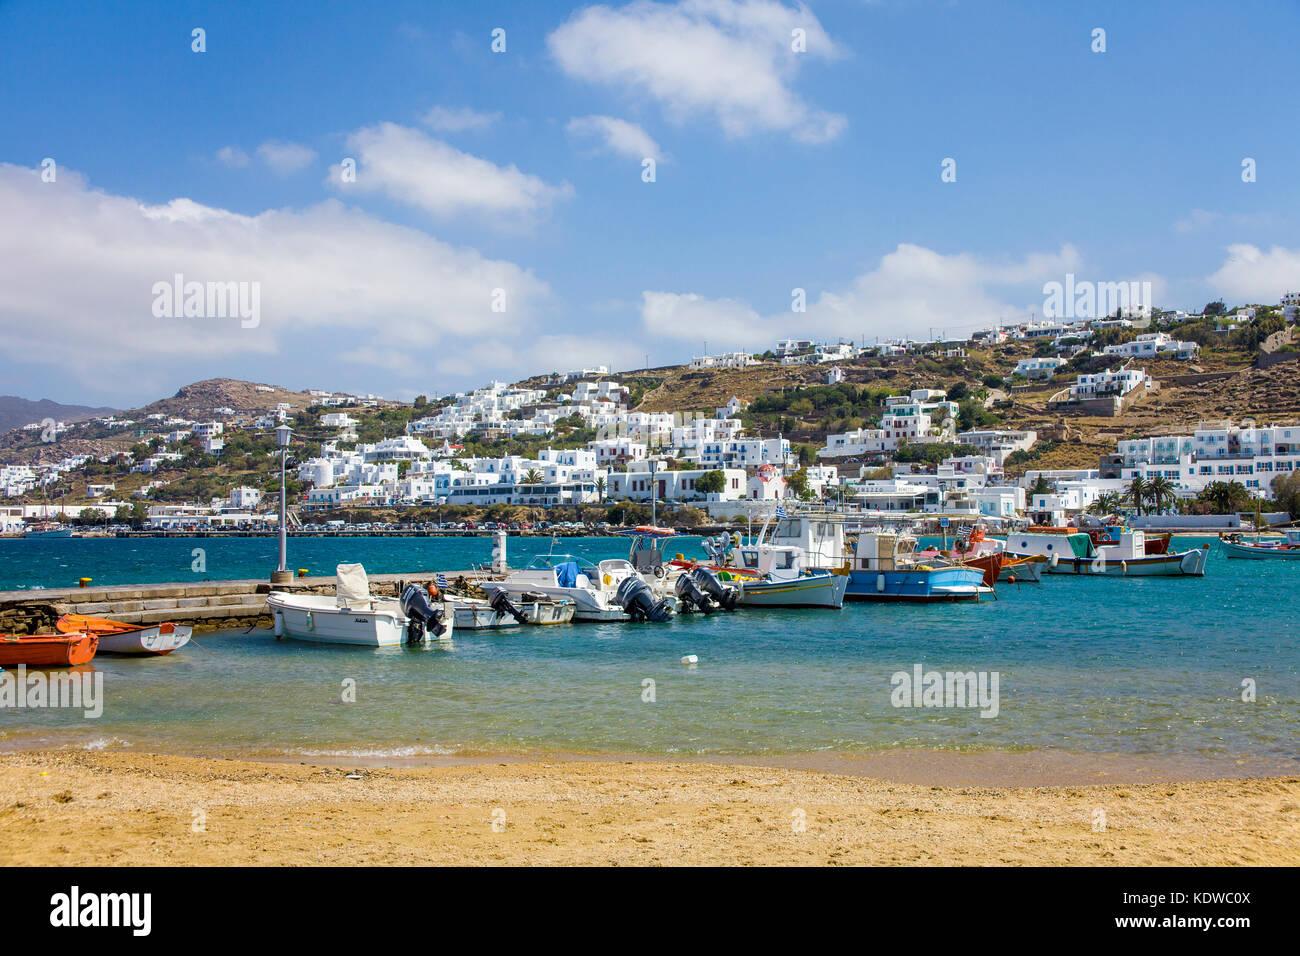 Fischerboote am Bootsanleger von Mykonos-Stadt, Mykonos, Kykladen, aegaeis, Griechenland, Mittelmeer, Europa | Fischerboote Stockbild